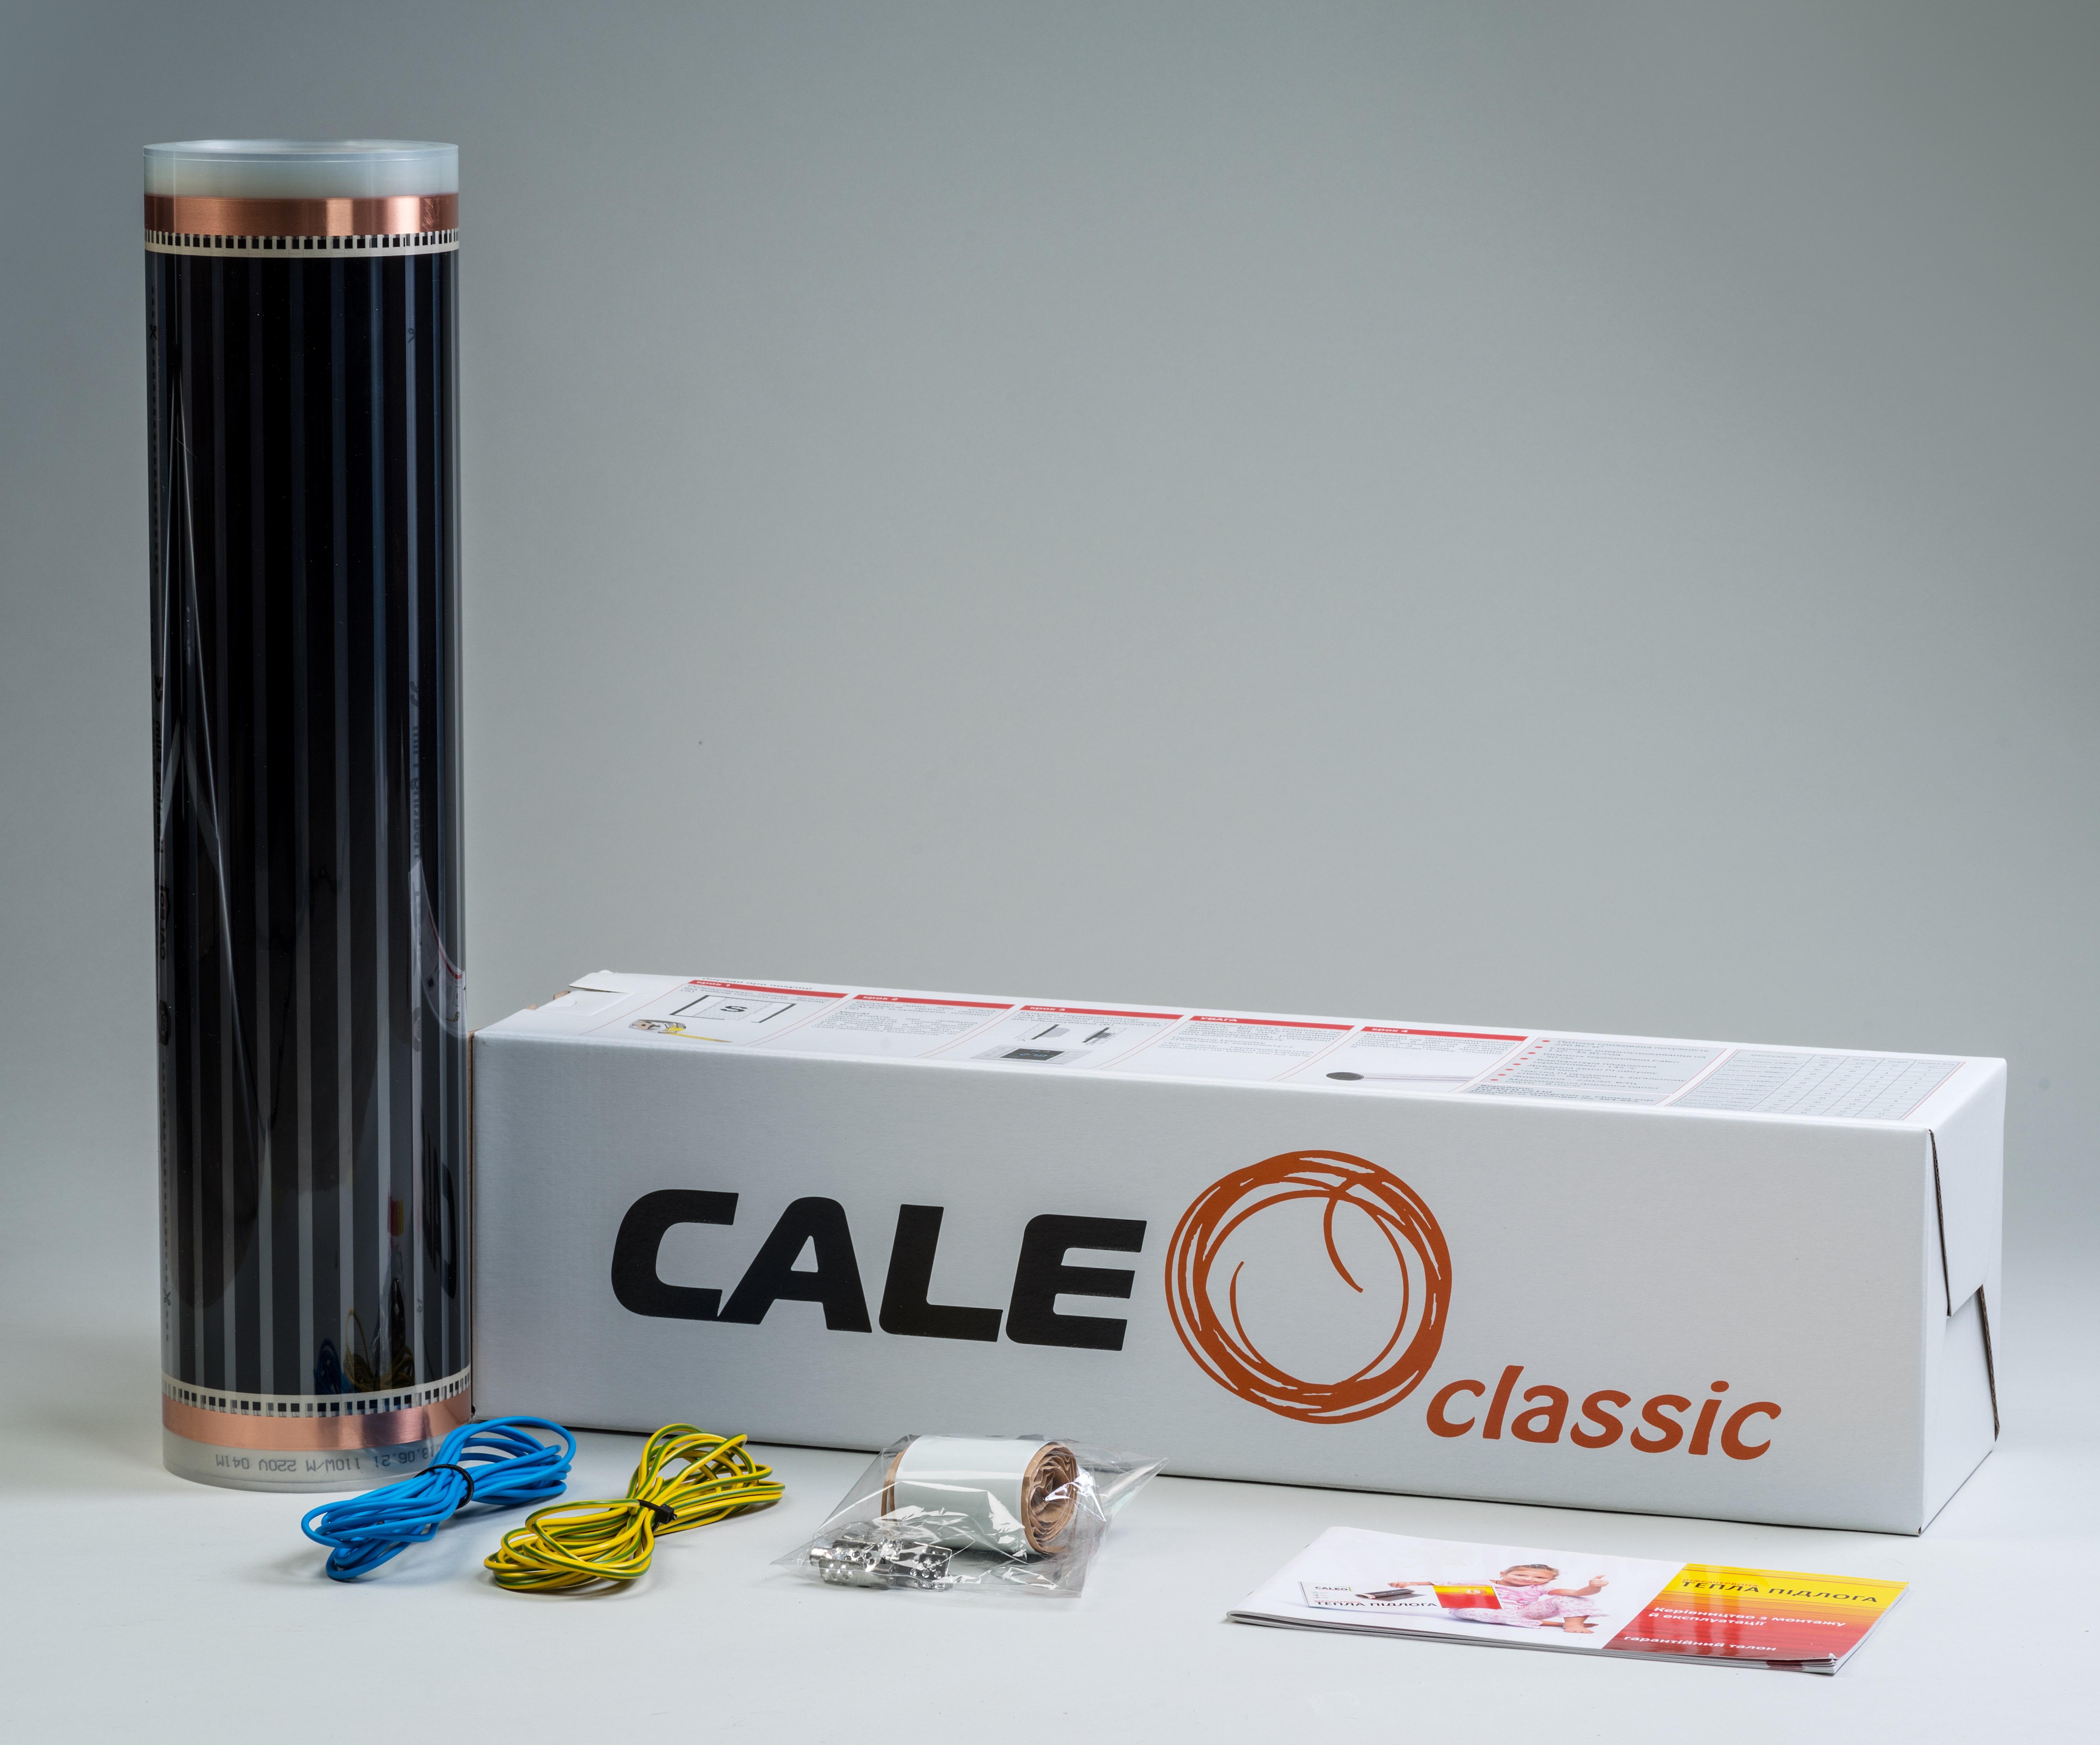 caleo (южная корея) Caleo Classic 220-0,5-5.0 (5 м2)